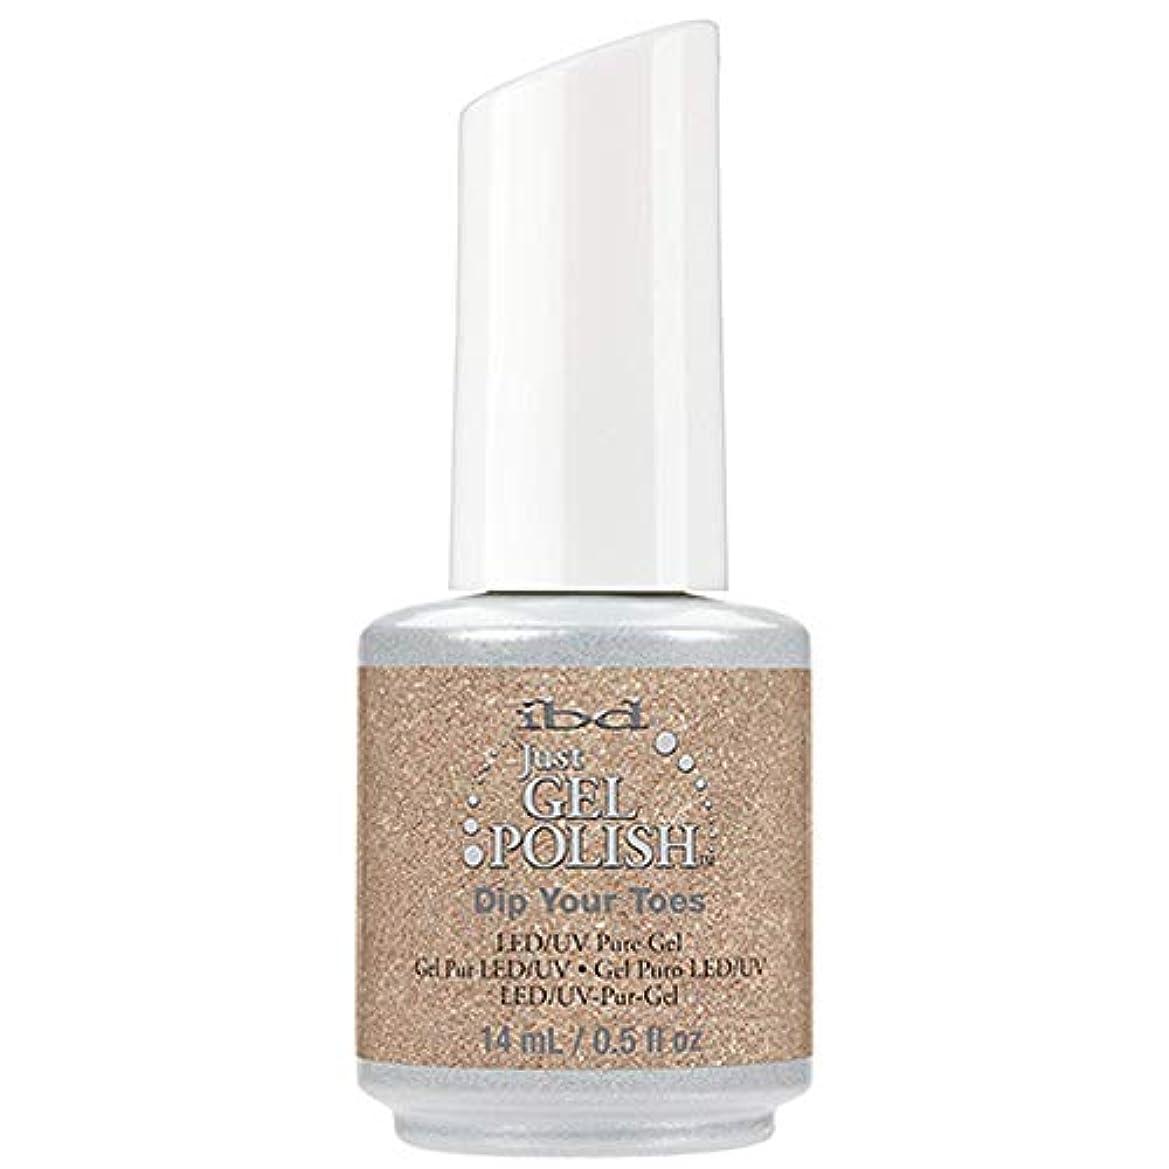 ディレクトリうるさい宇宙飛行士ibd Just Gel Nail Polish - Dip Your Toes - 14ml / 0.5oz